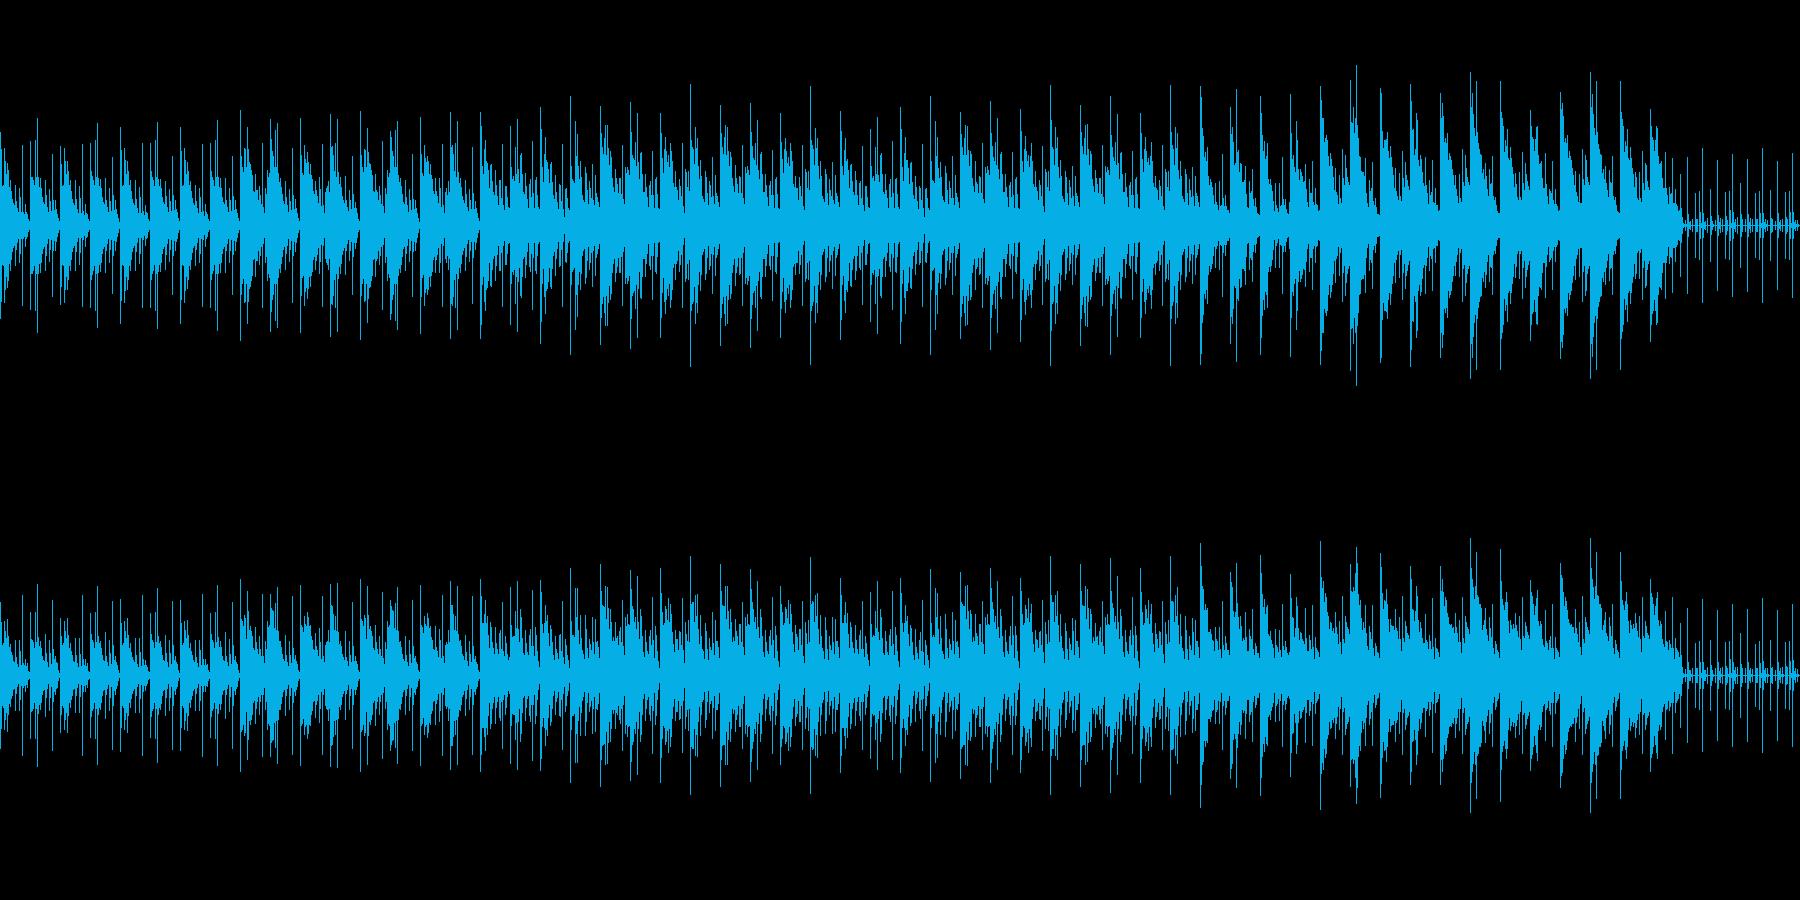 始まりを予感するピアノとヴィブラフォンの再生済みの波形